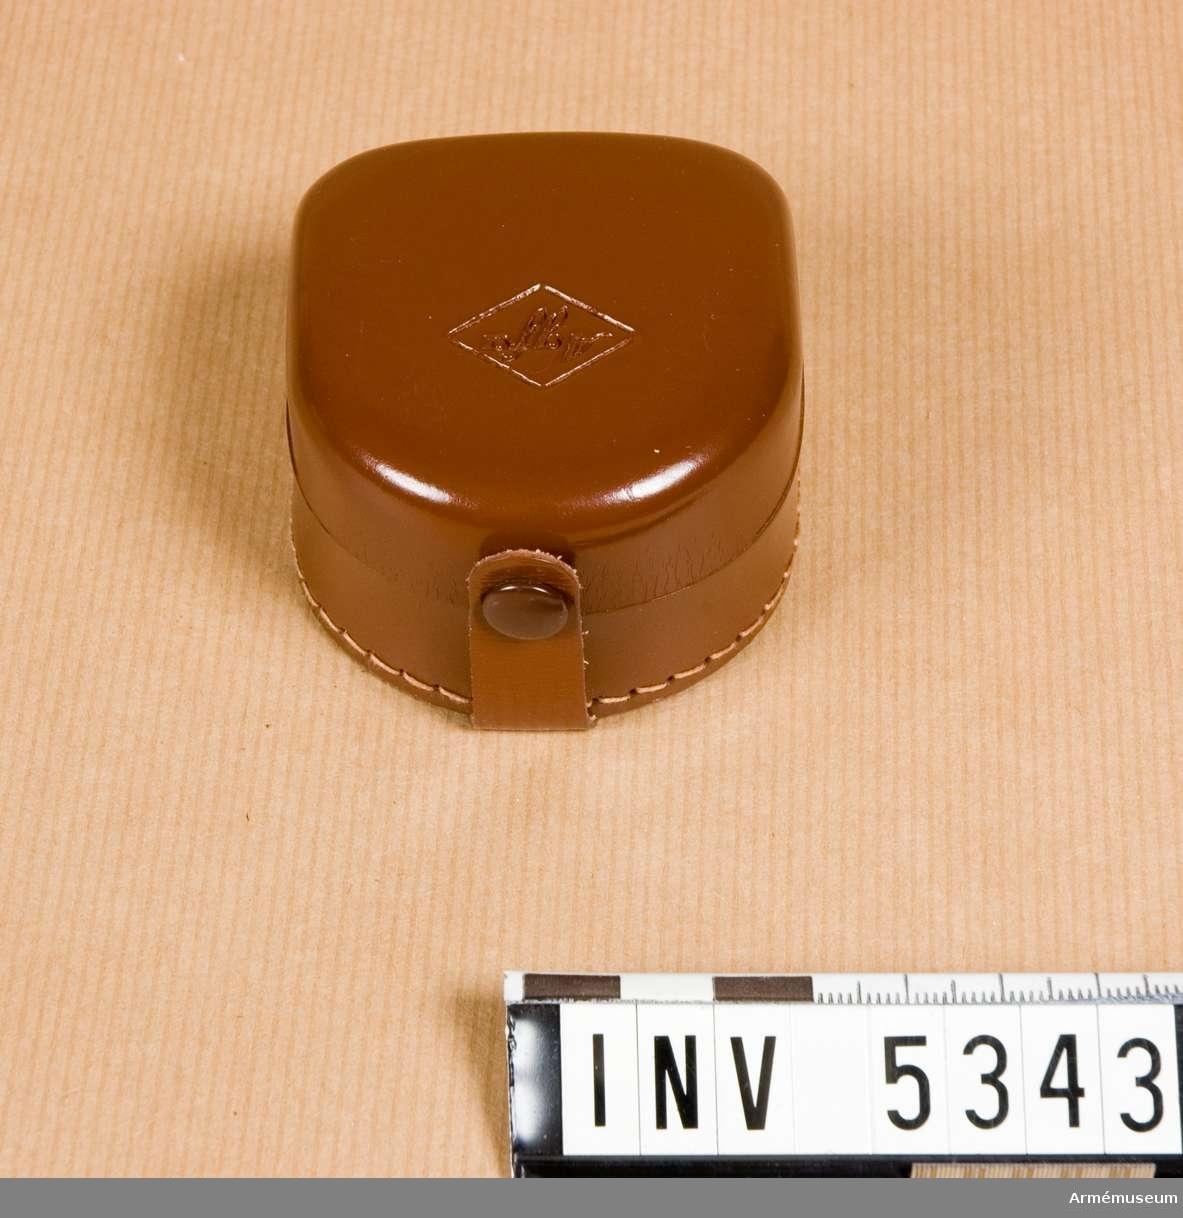 M 1944-030 f Agfa Silette.Märkt: Agfa - 32 mm Made in Germany . Svart, mattförkromat. Mått 57 x 33 x 27 mm. Nytt skick.Motkjusskydd sättes framför kamerans objektiv och skyddar mot motljus som skulle sätta ner bildens kvalitet, regn och smärre  stötar.